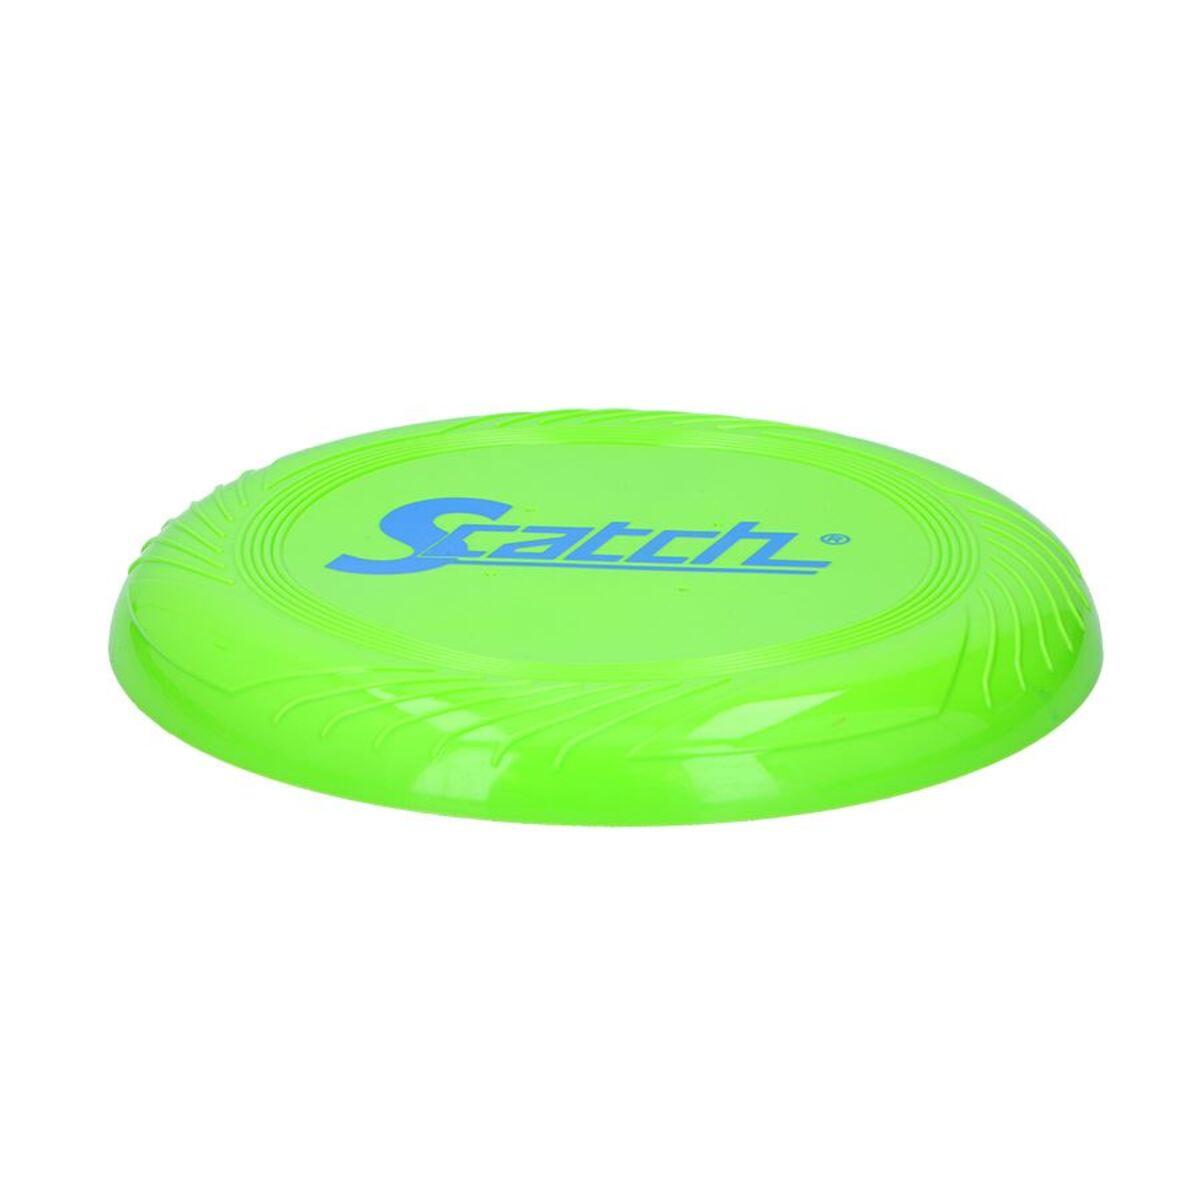 Bild 2 von Scatch Frisbee-Wurfspiel mit Spielwand